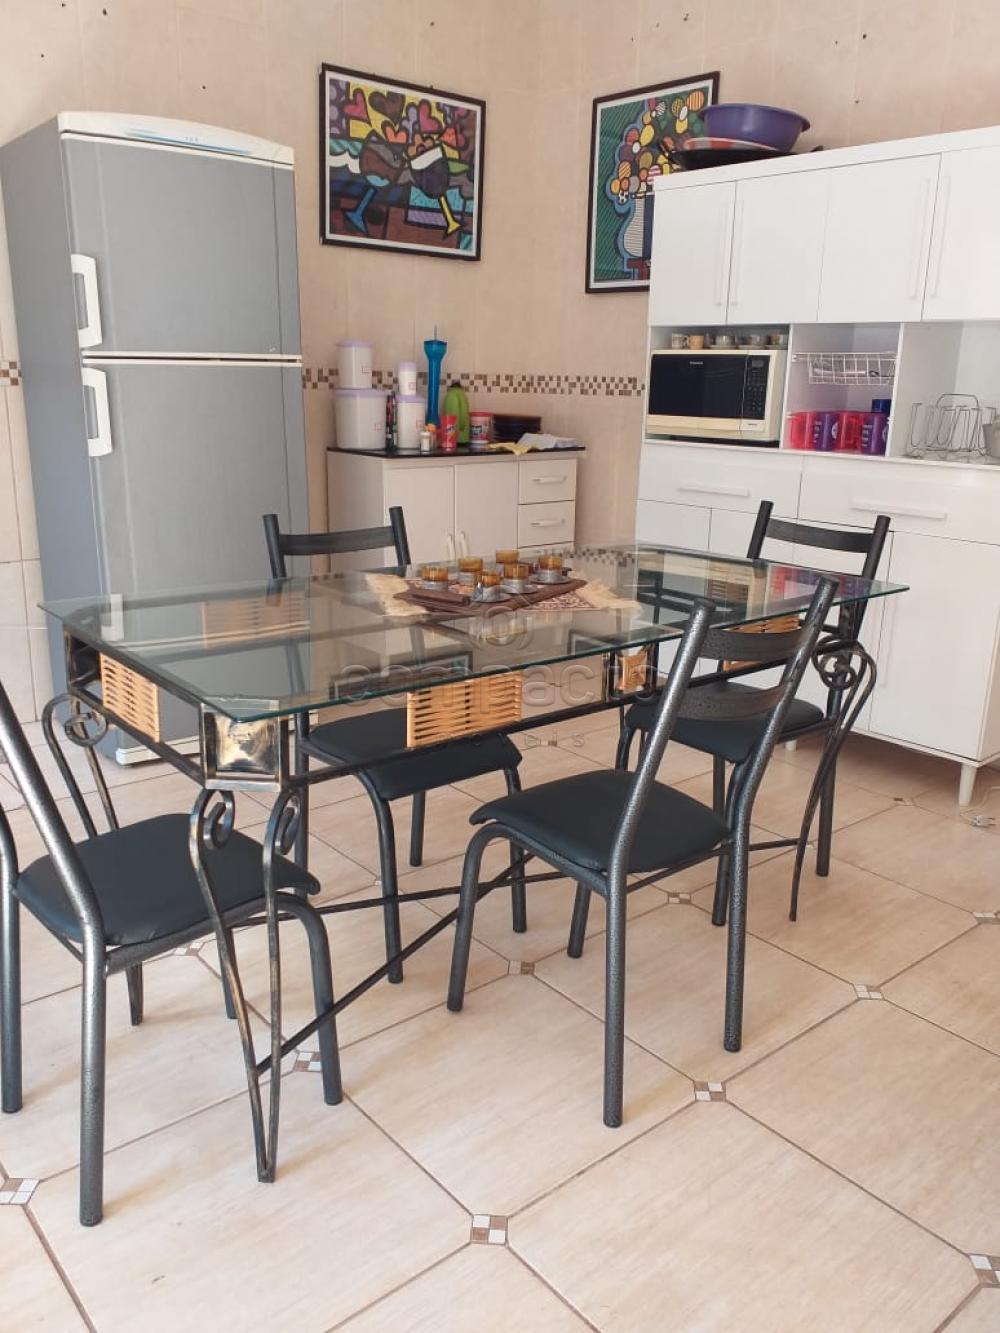 Comprar Casa / Padrão em São José do Rio Preto apenas R$ 185.000,00 - Foto 14